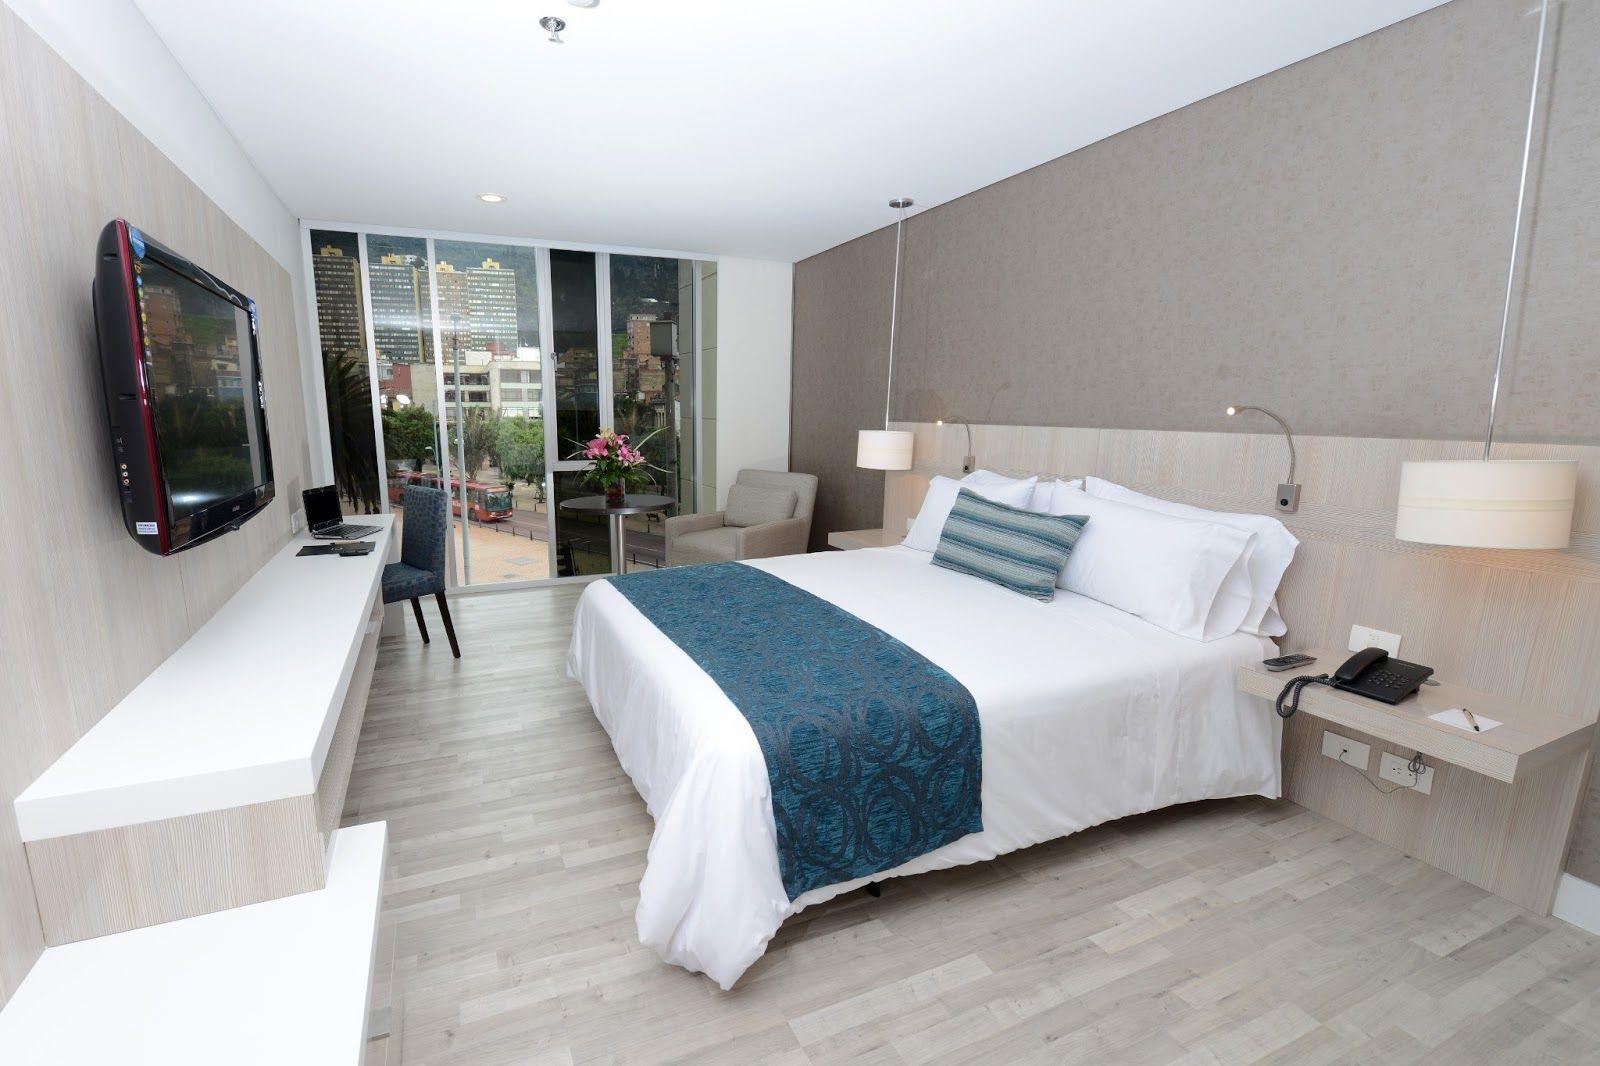 Habitaciones modernas dise os de habitaci n pinterest for Habitaciones modernas